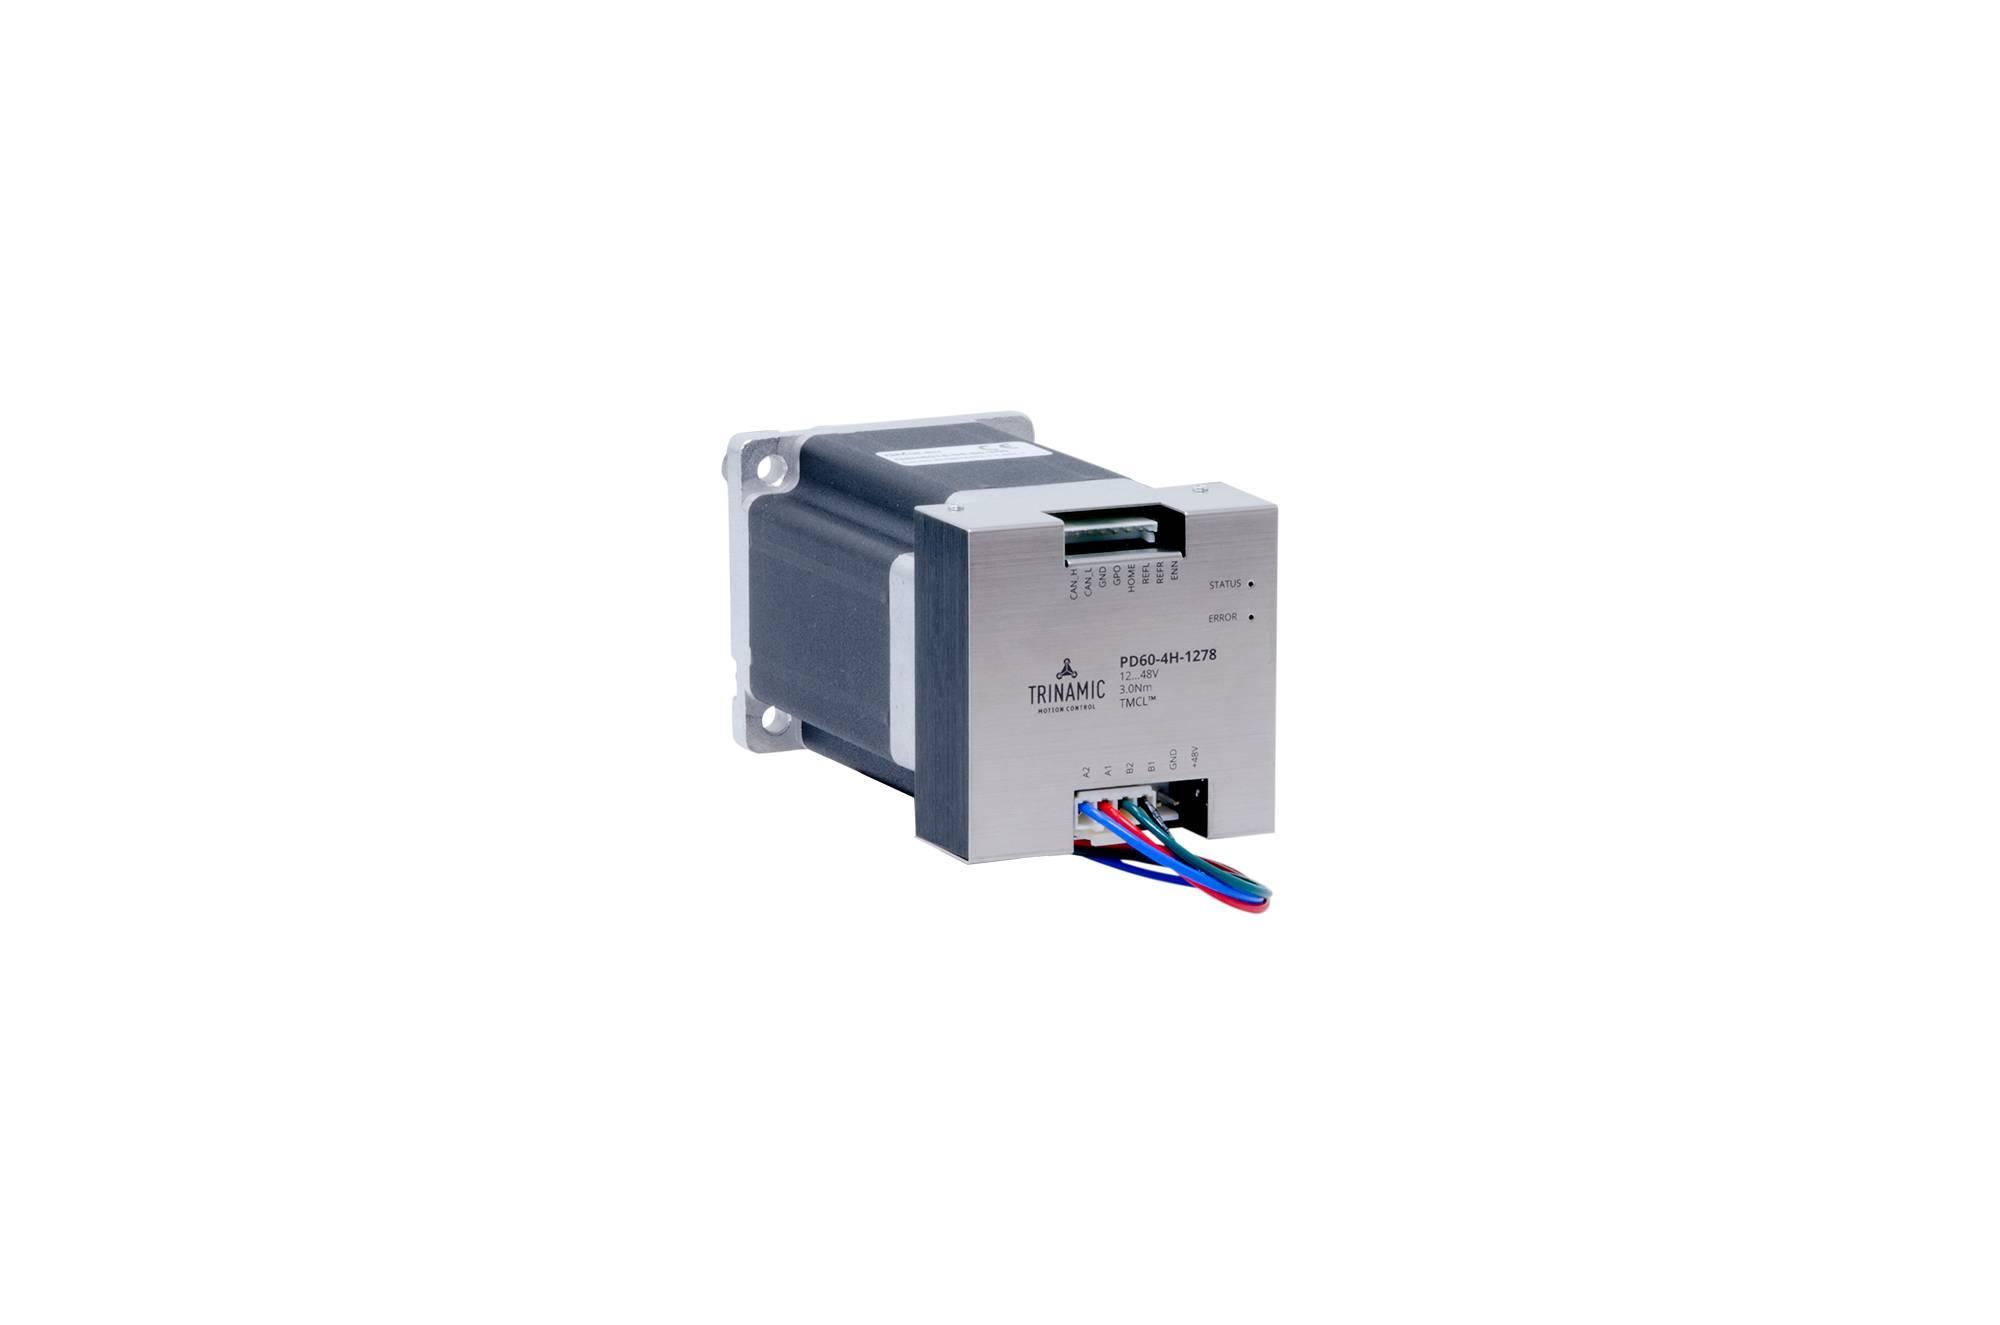 PD60-4H-1278-TMCL